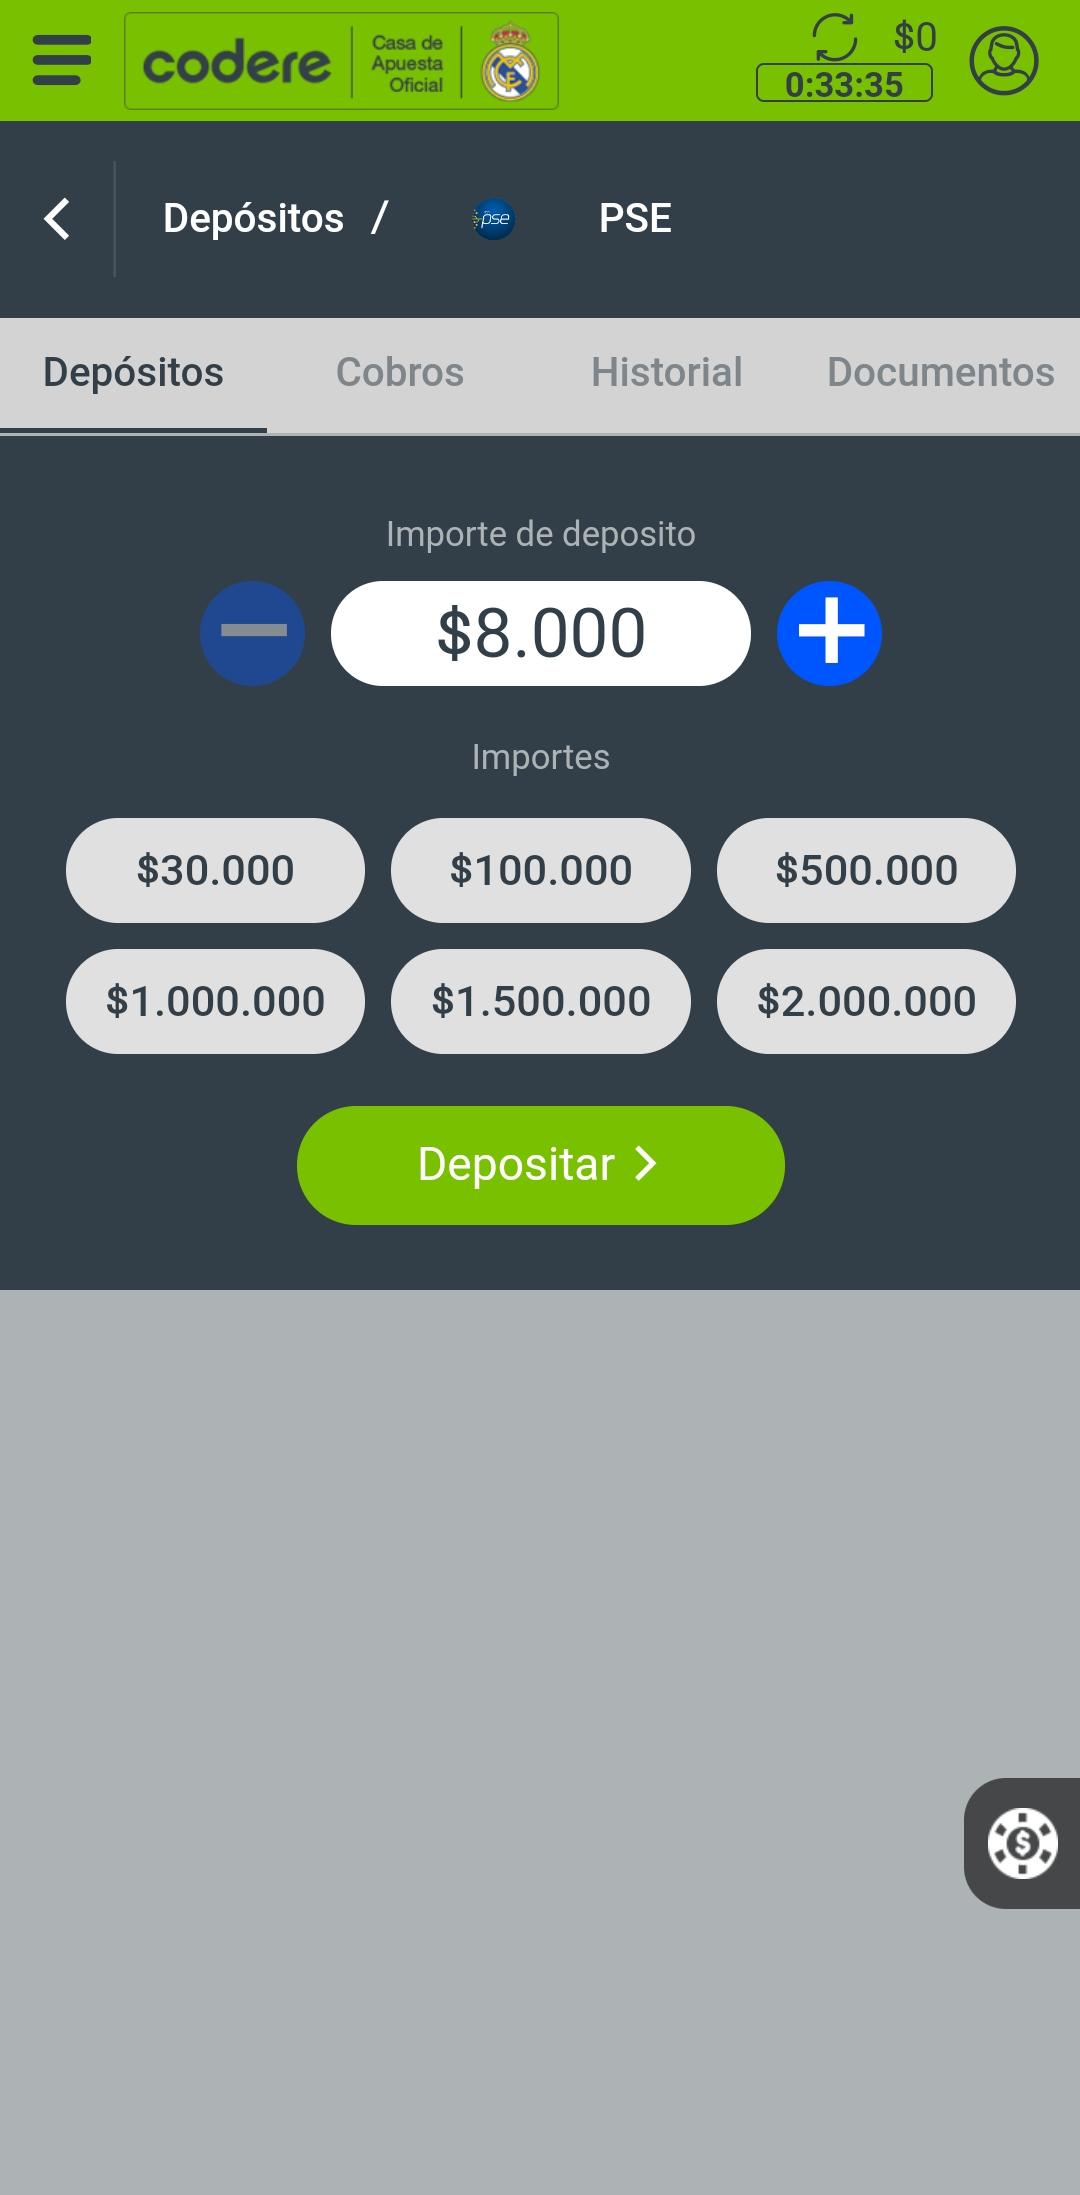 codere app depósito